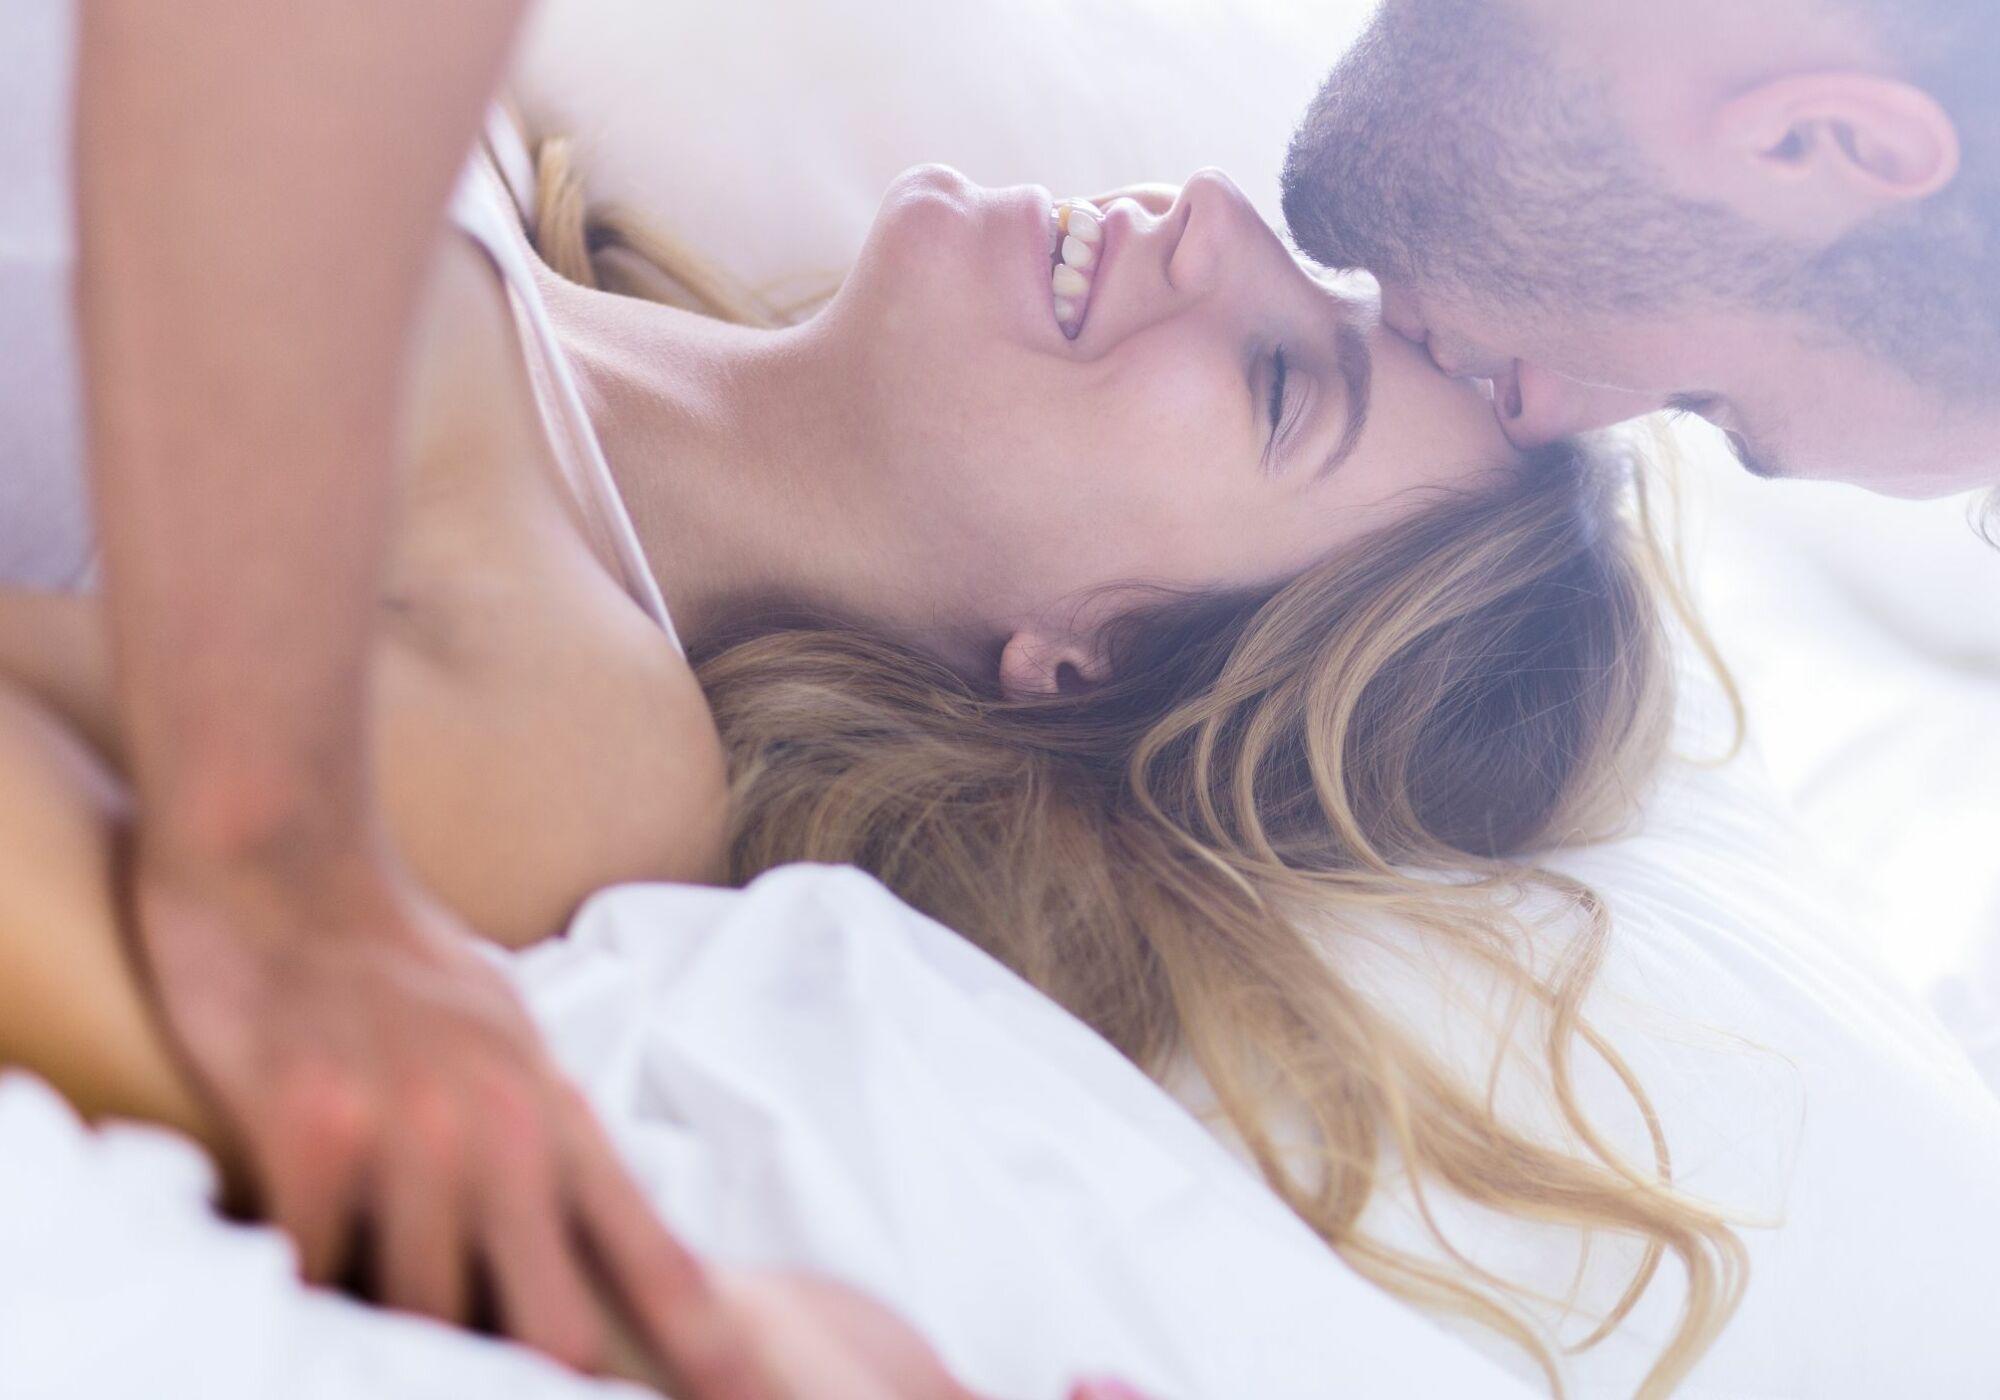 Секс втроем с молодой, Секс втроем видео 8 фотография